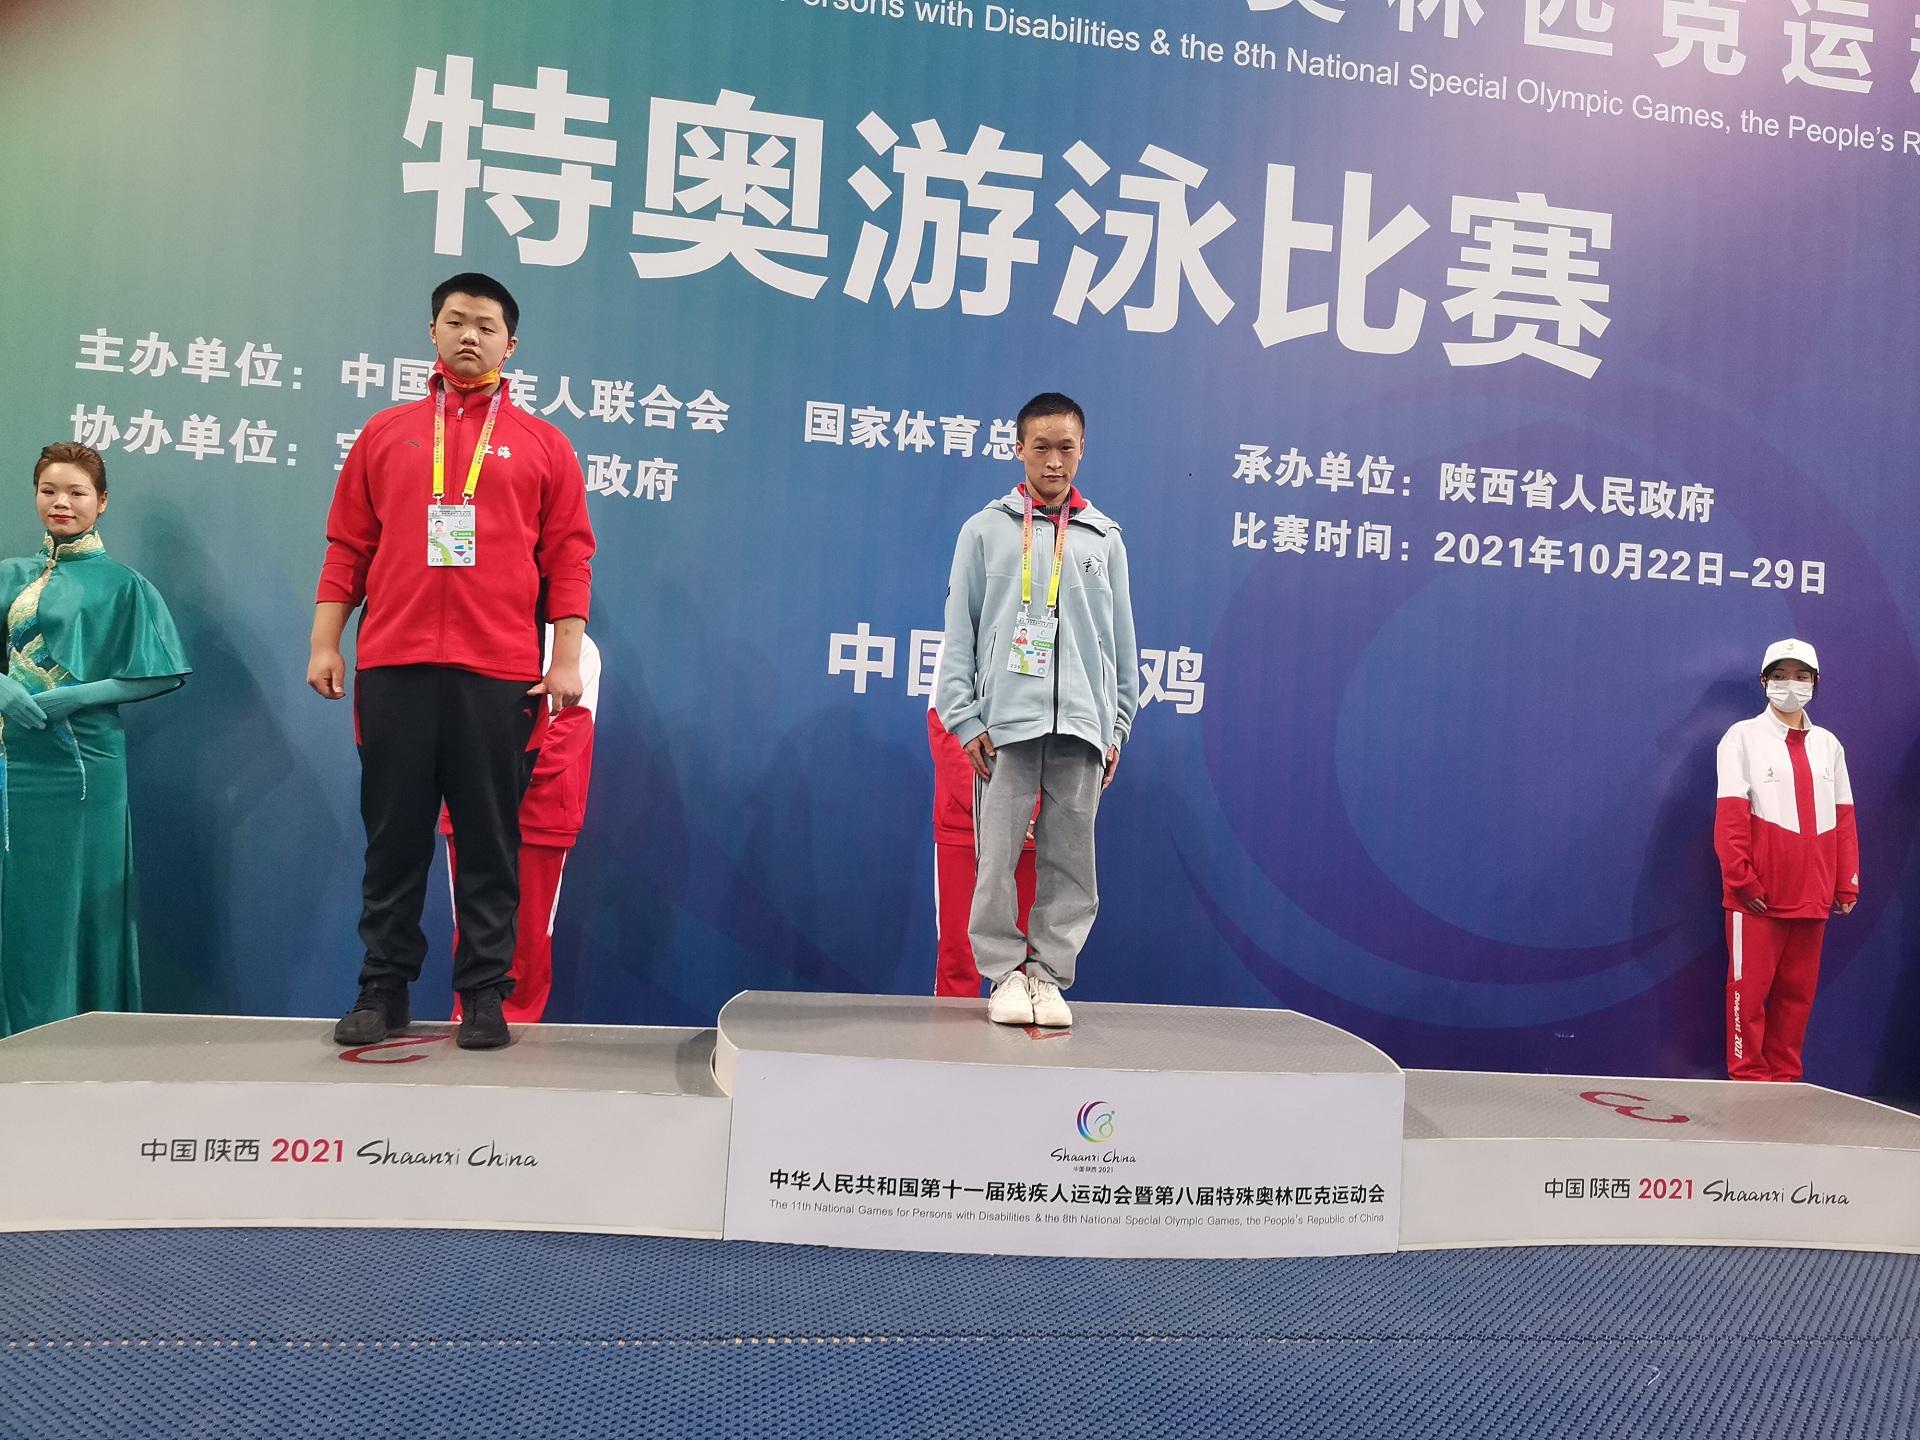 喜讯!忠县特奥游泳健将苟平在全国残运会上夺得两枚金牌